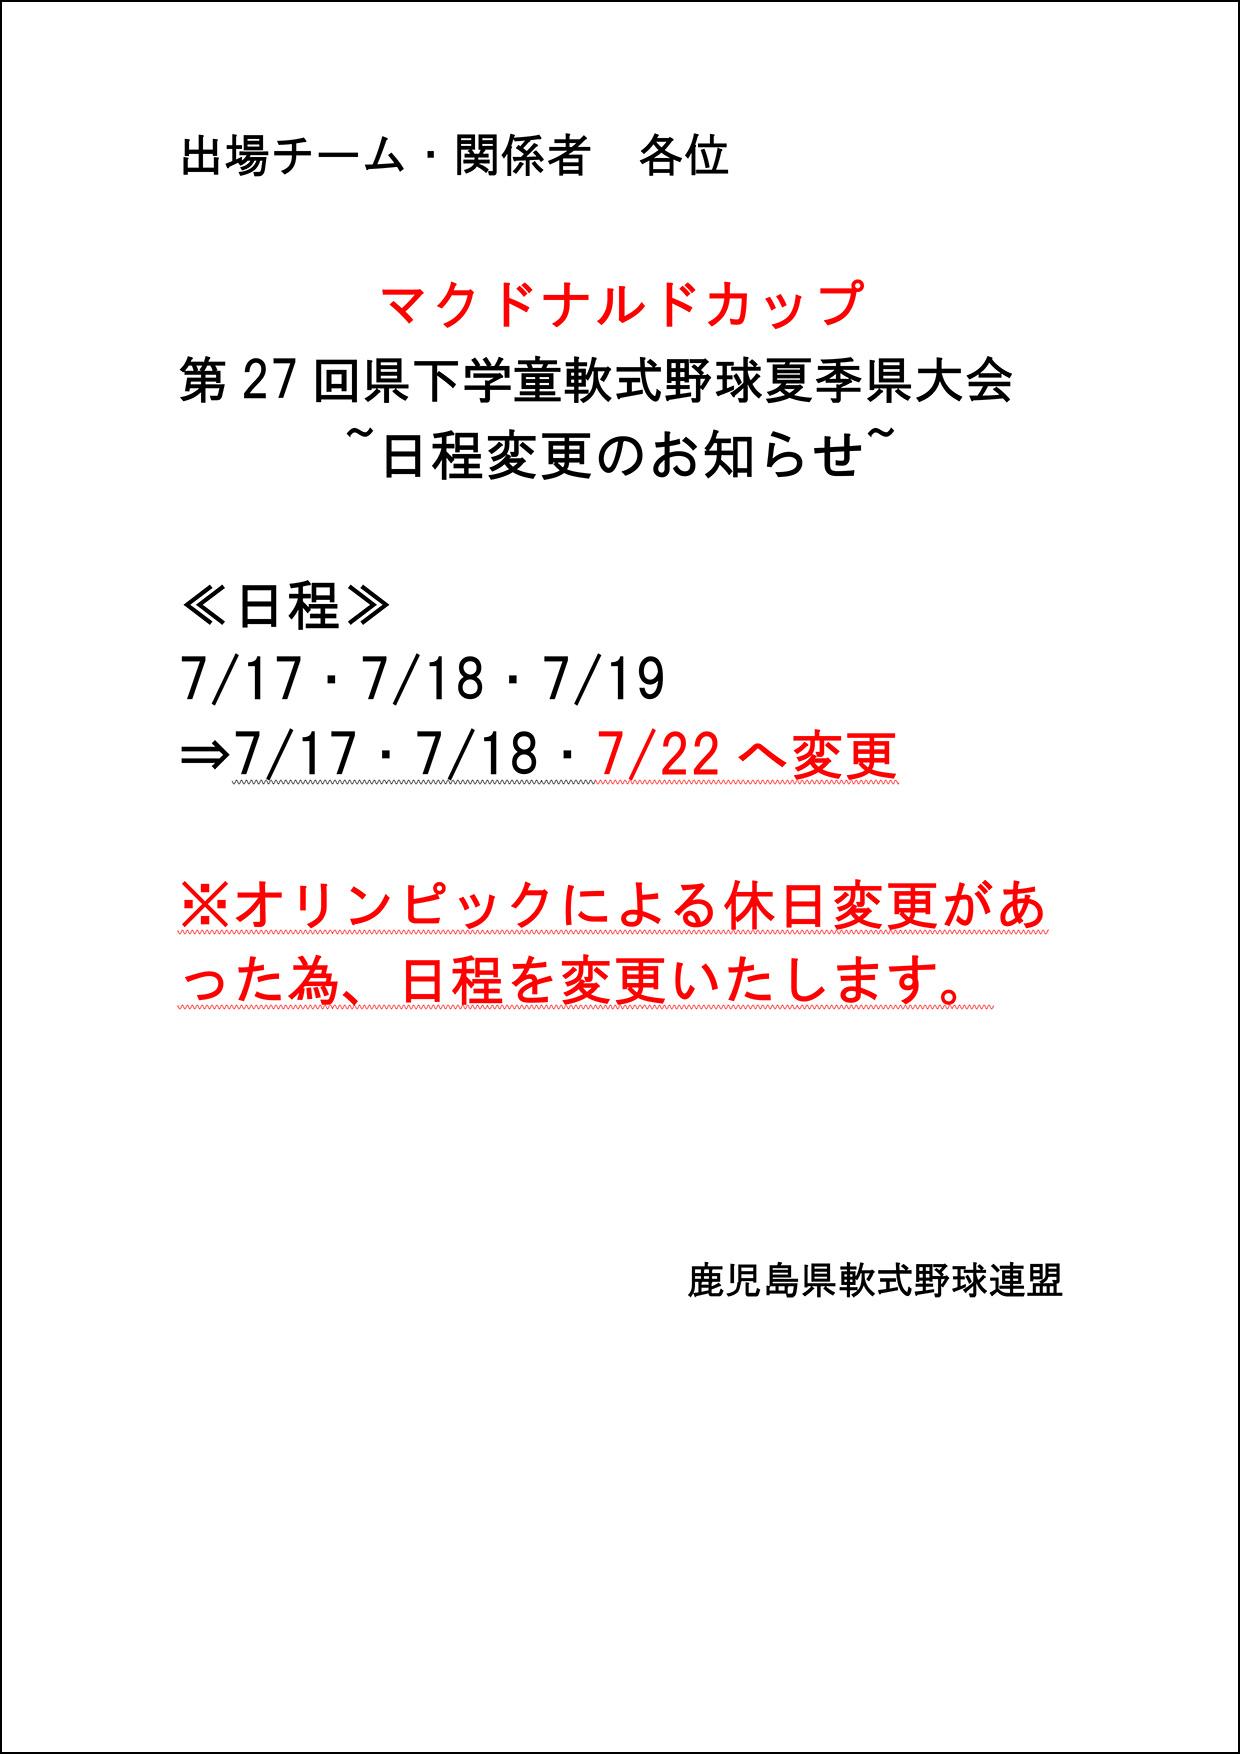 【日程変更のお知らせ】マクドナルドカップ 第27回県下学童軟式野球夏季県大会